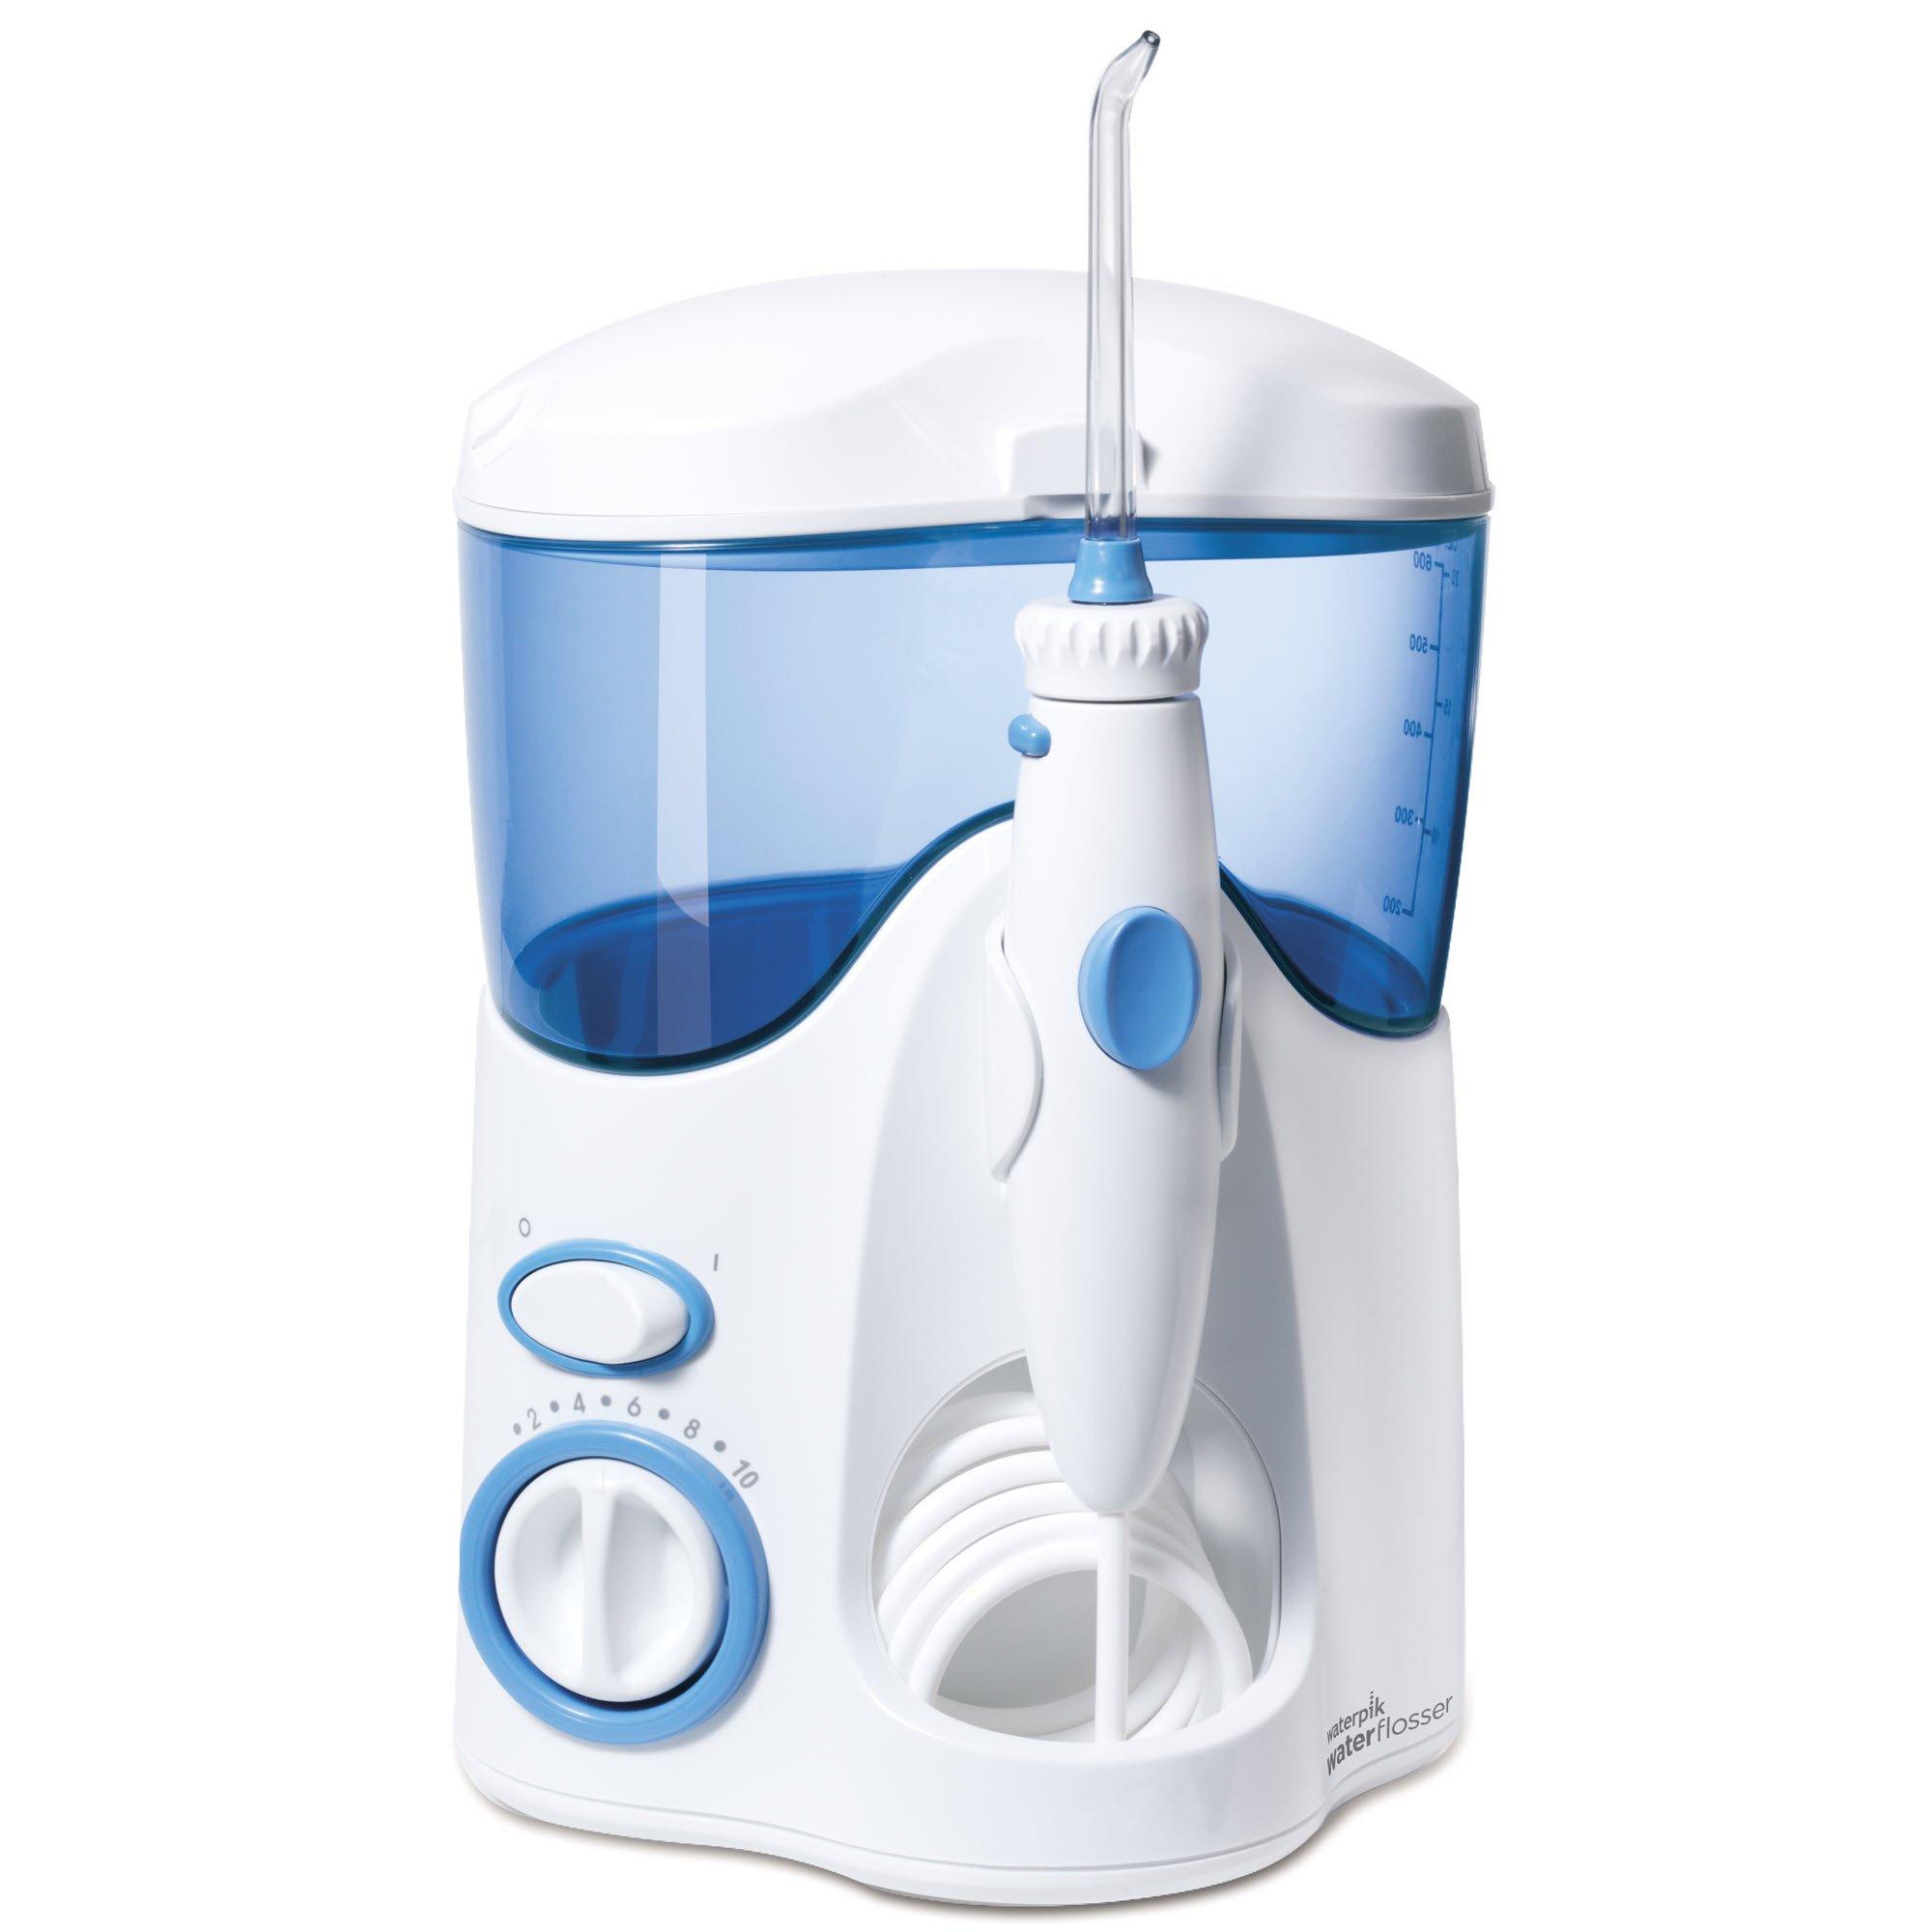 Waterpik Ultra Dental Water Jet WP-100W 1 Each